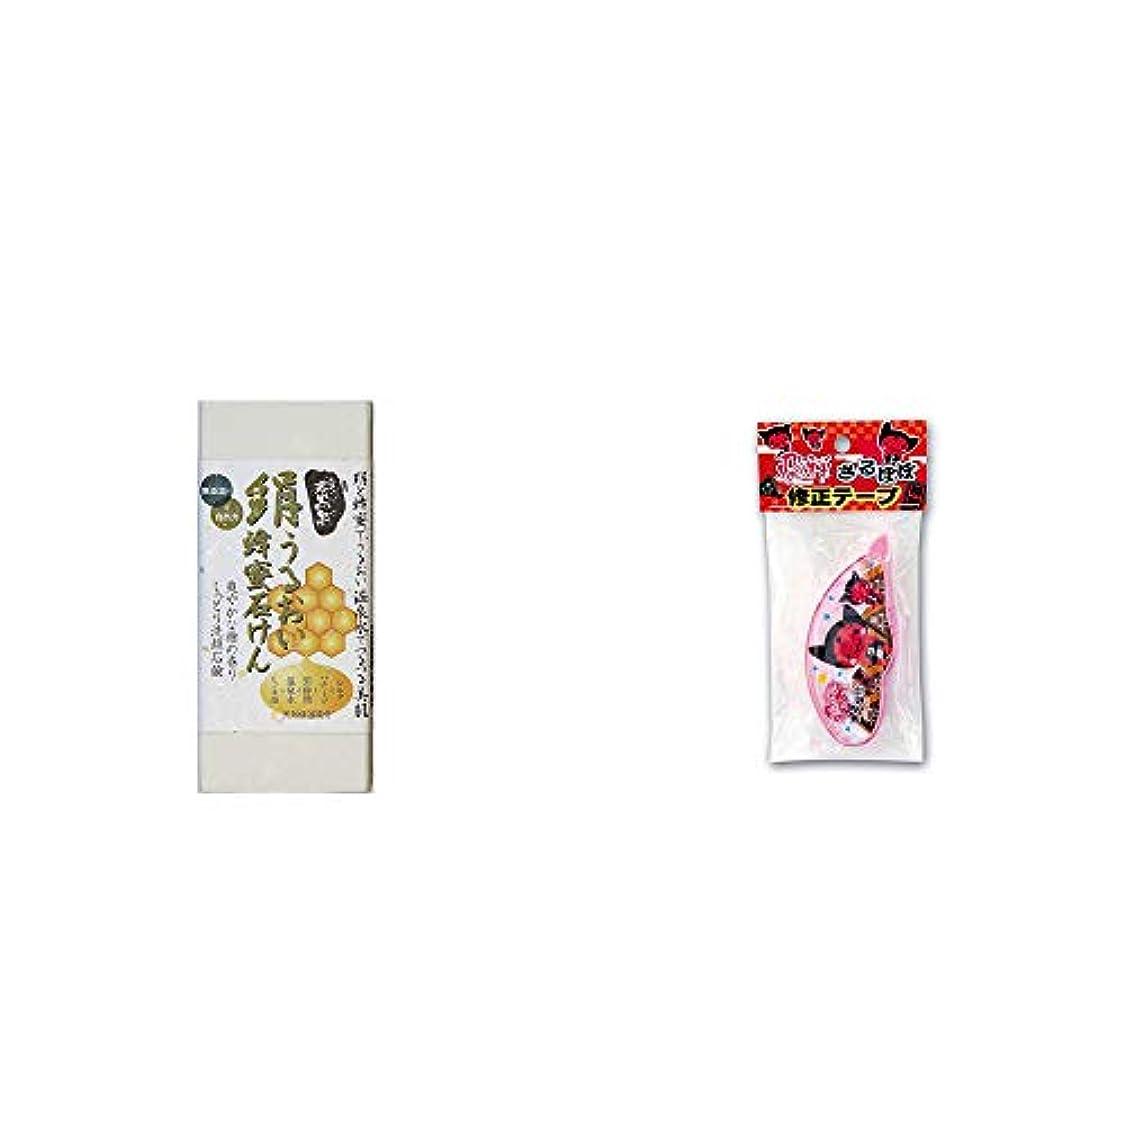 上下する半球たっぷり[2点セット] ひのき炭黒泉 絹うるおい蜂蜜石けん(75g×2)?さるぼぼ 修正テープ【ブルー】